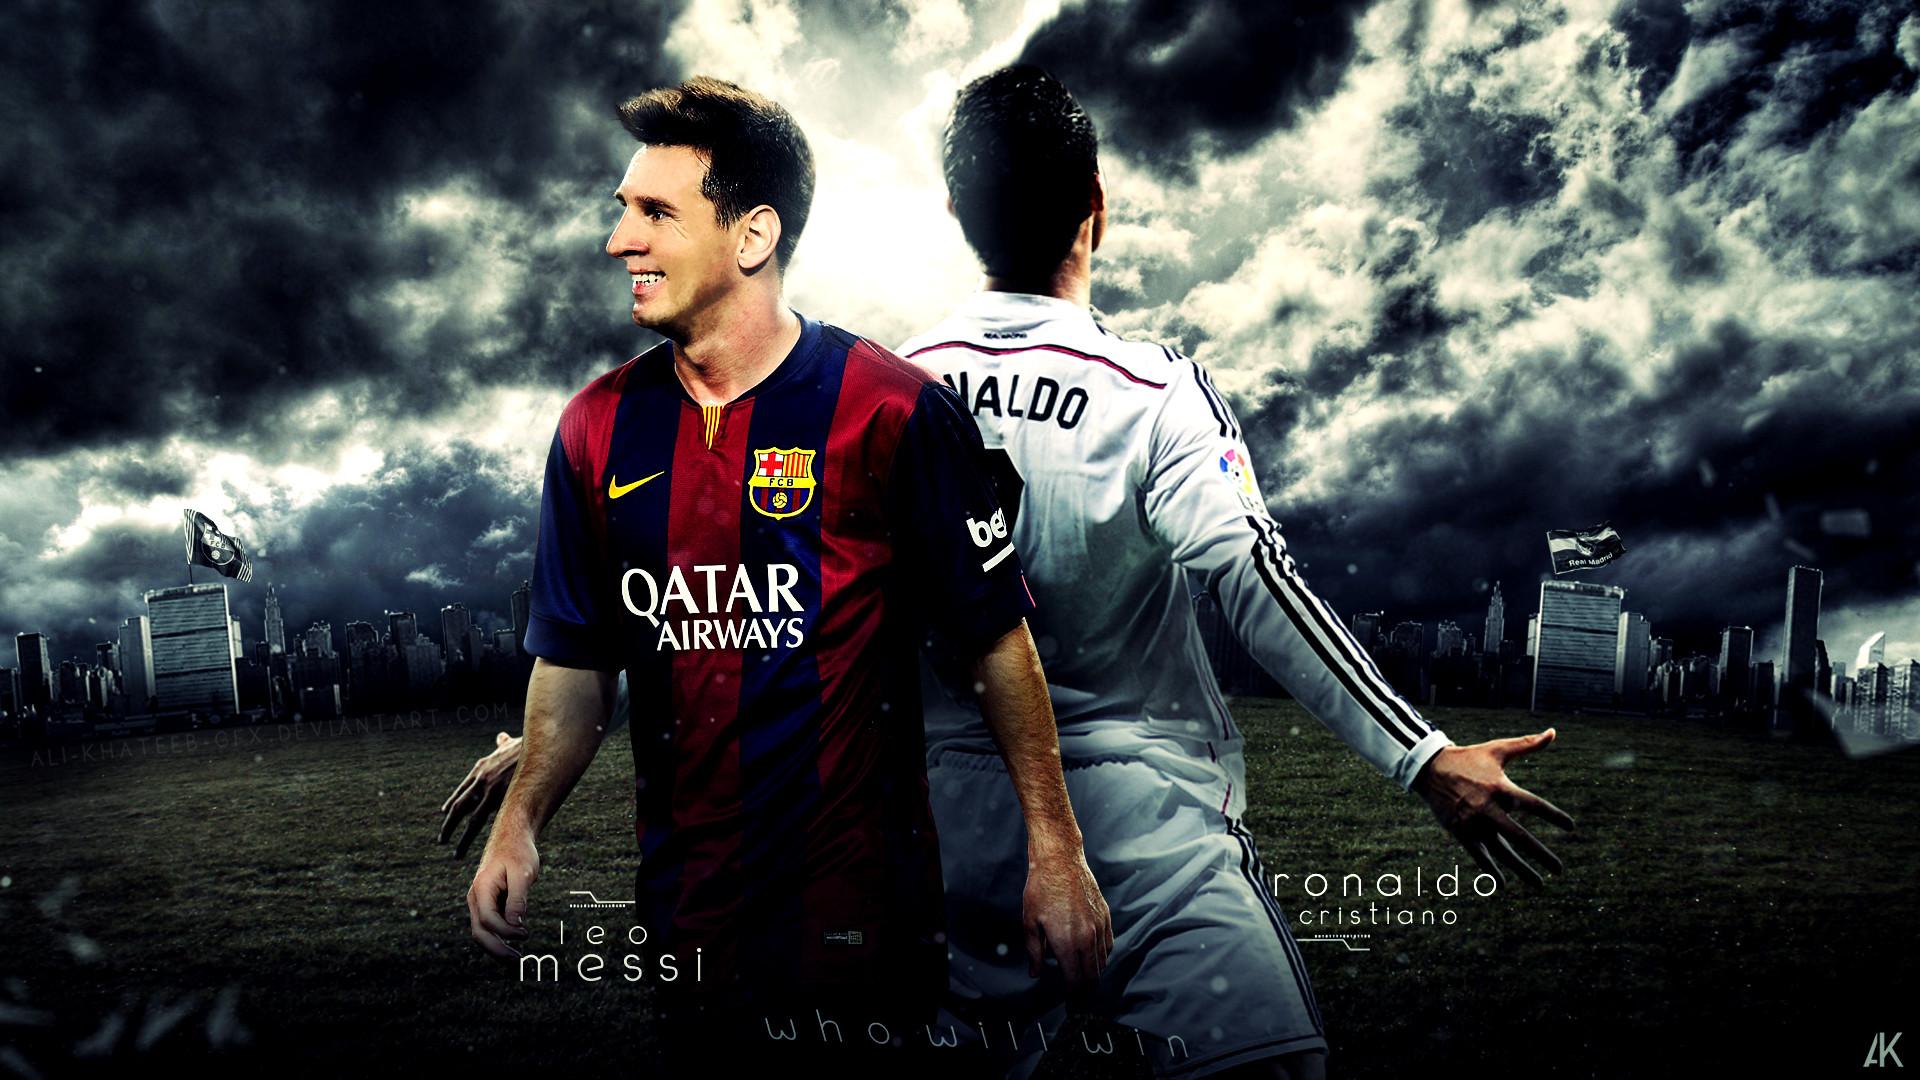 Cristiano Ronaldo Vs Lionel Messi 2017 Wallpapers 15